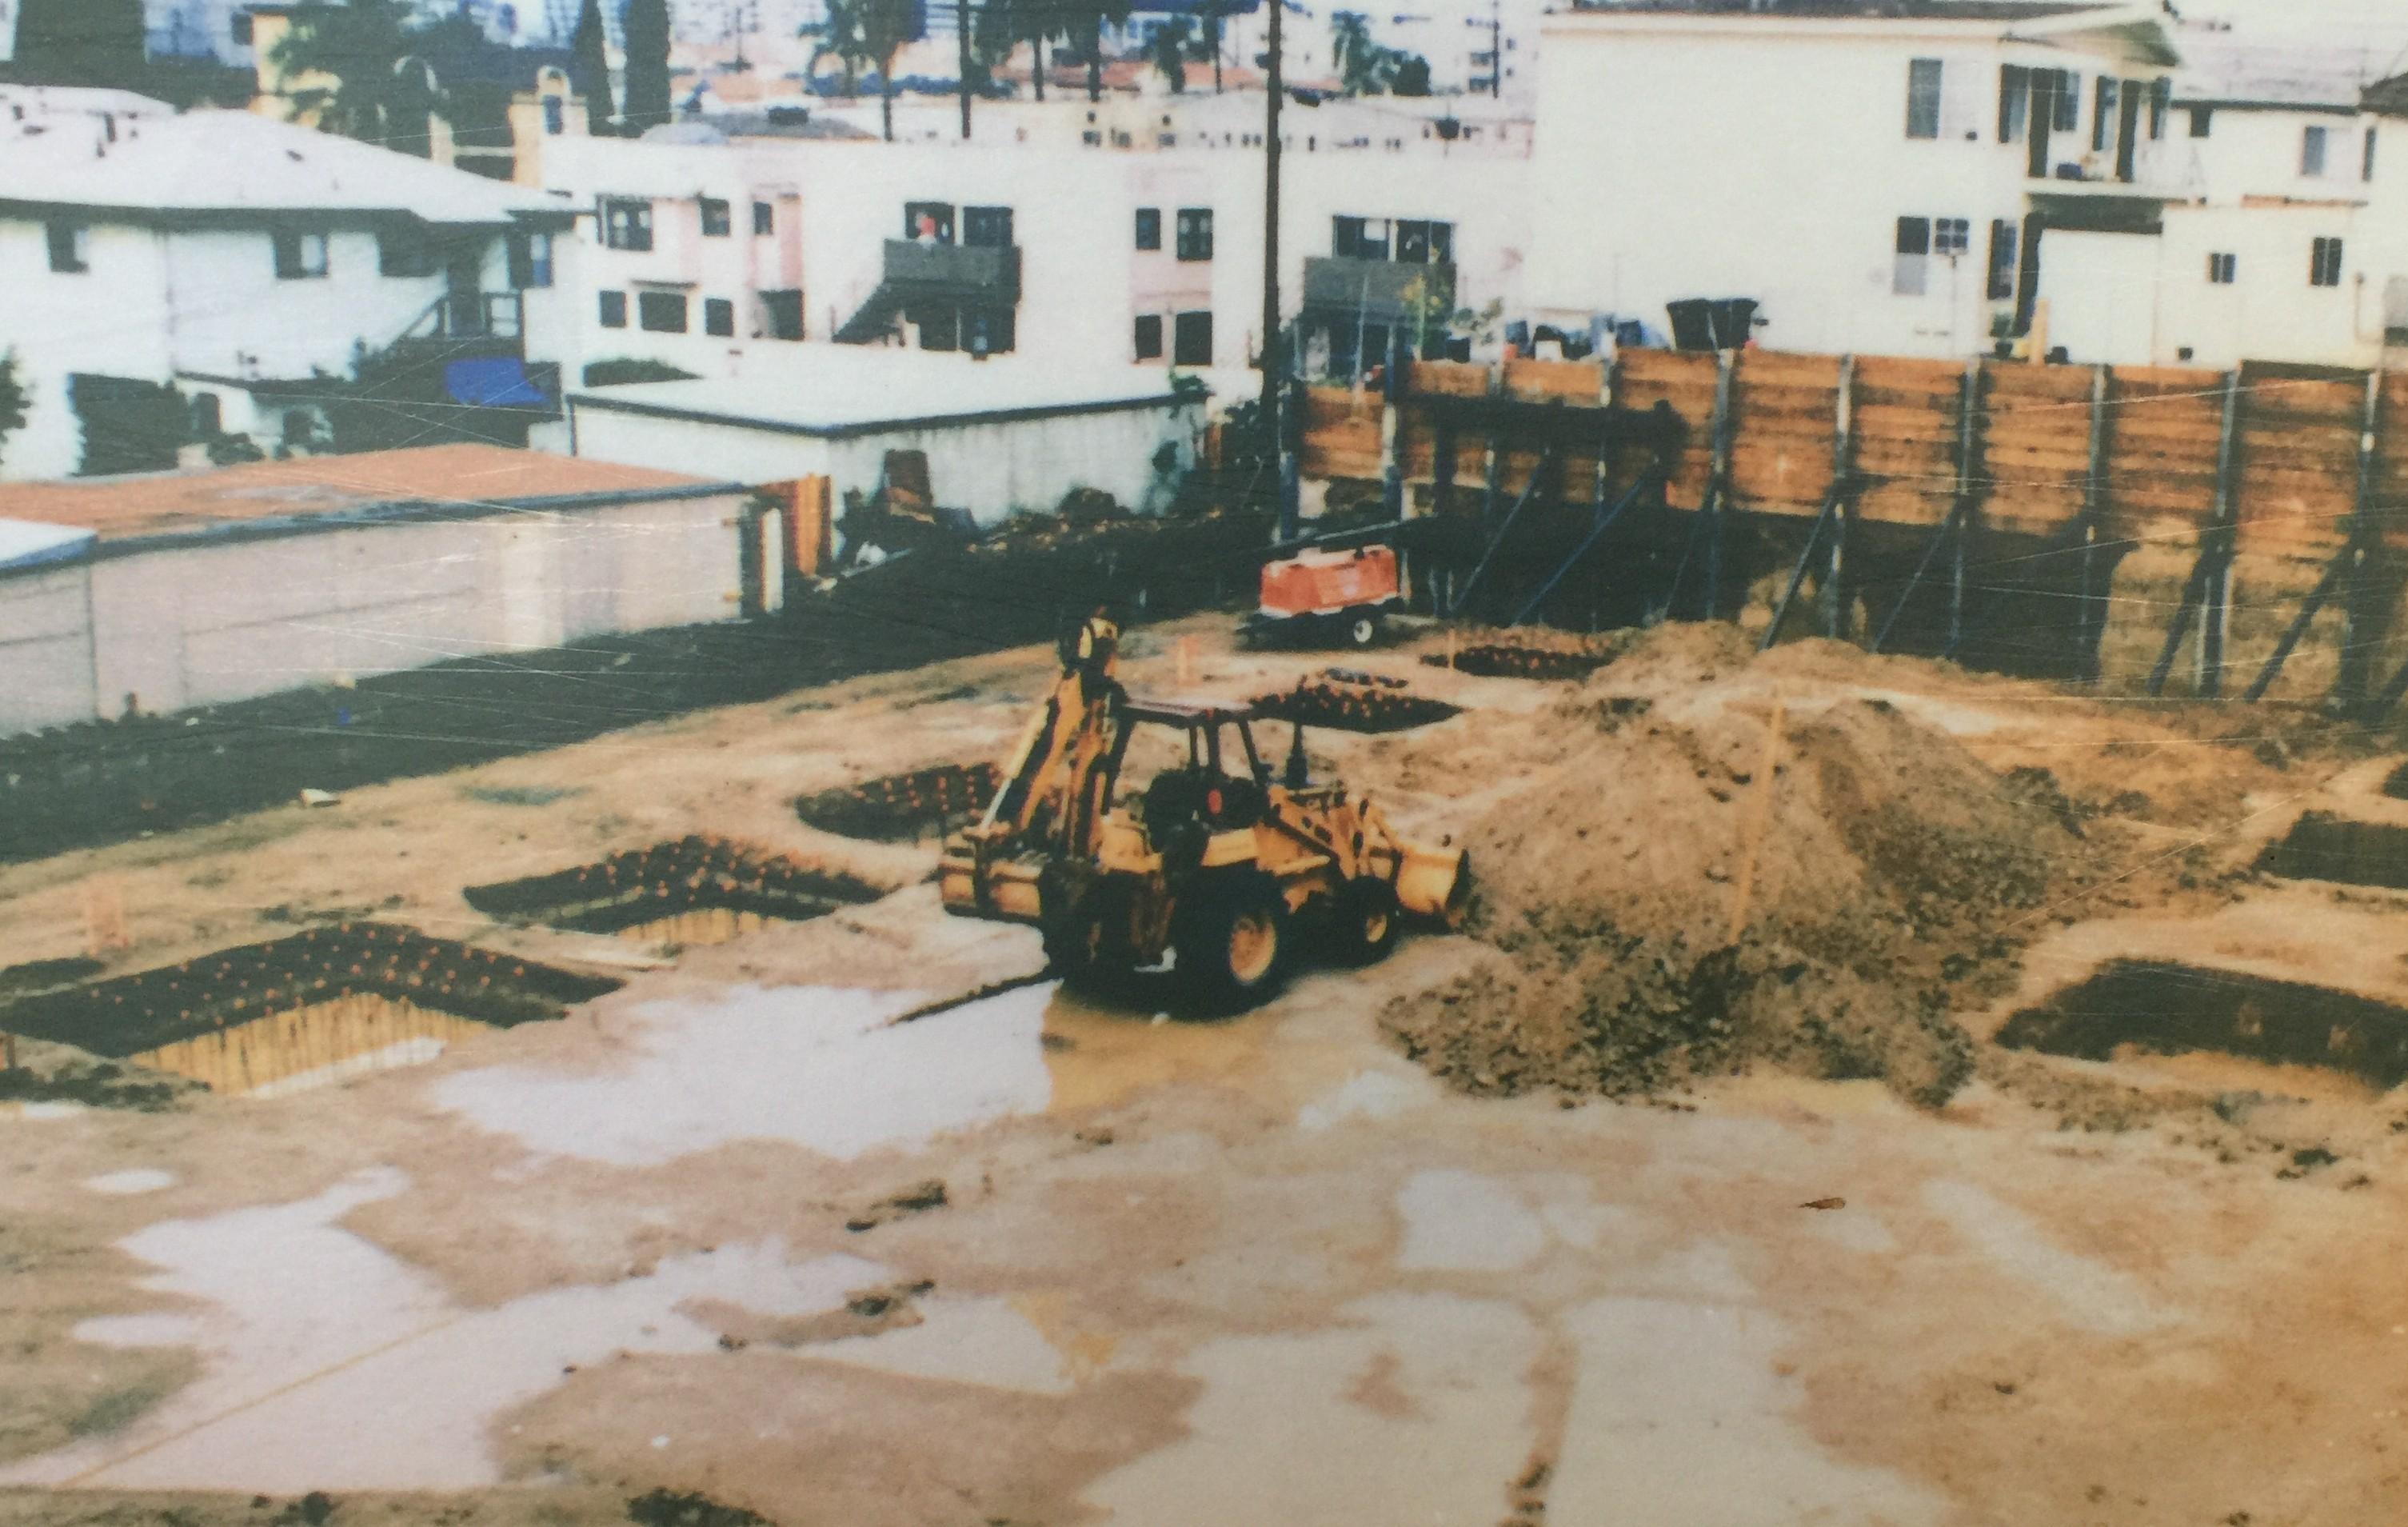 교육 선교관 건축 및 본당 증축 공사장